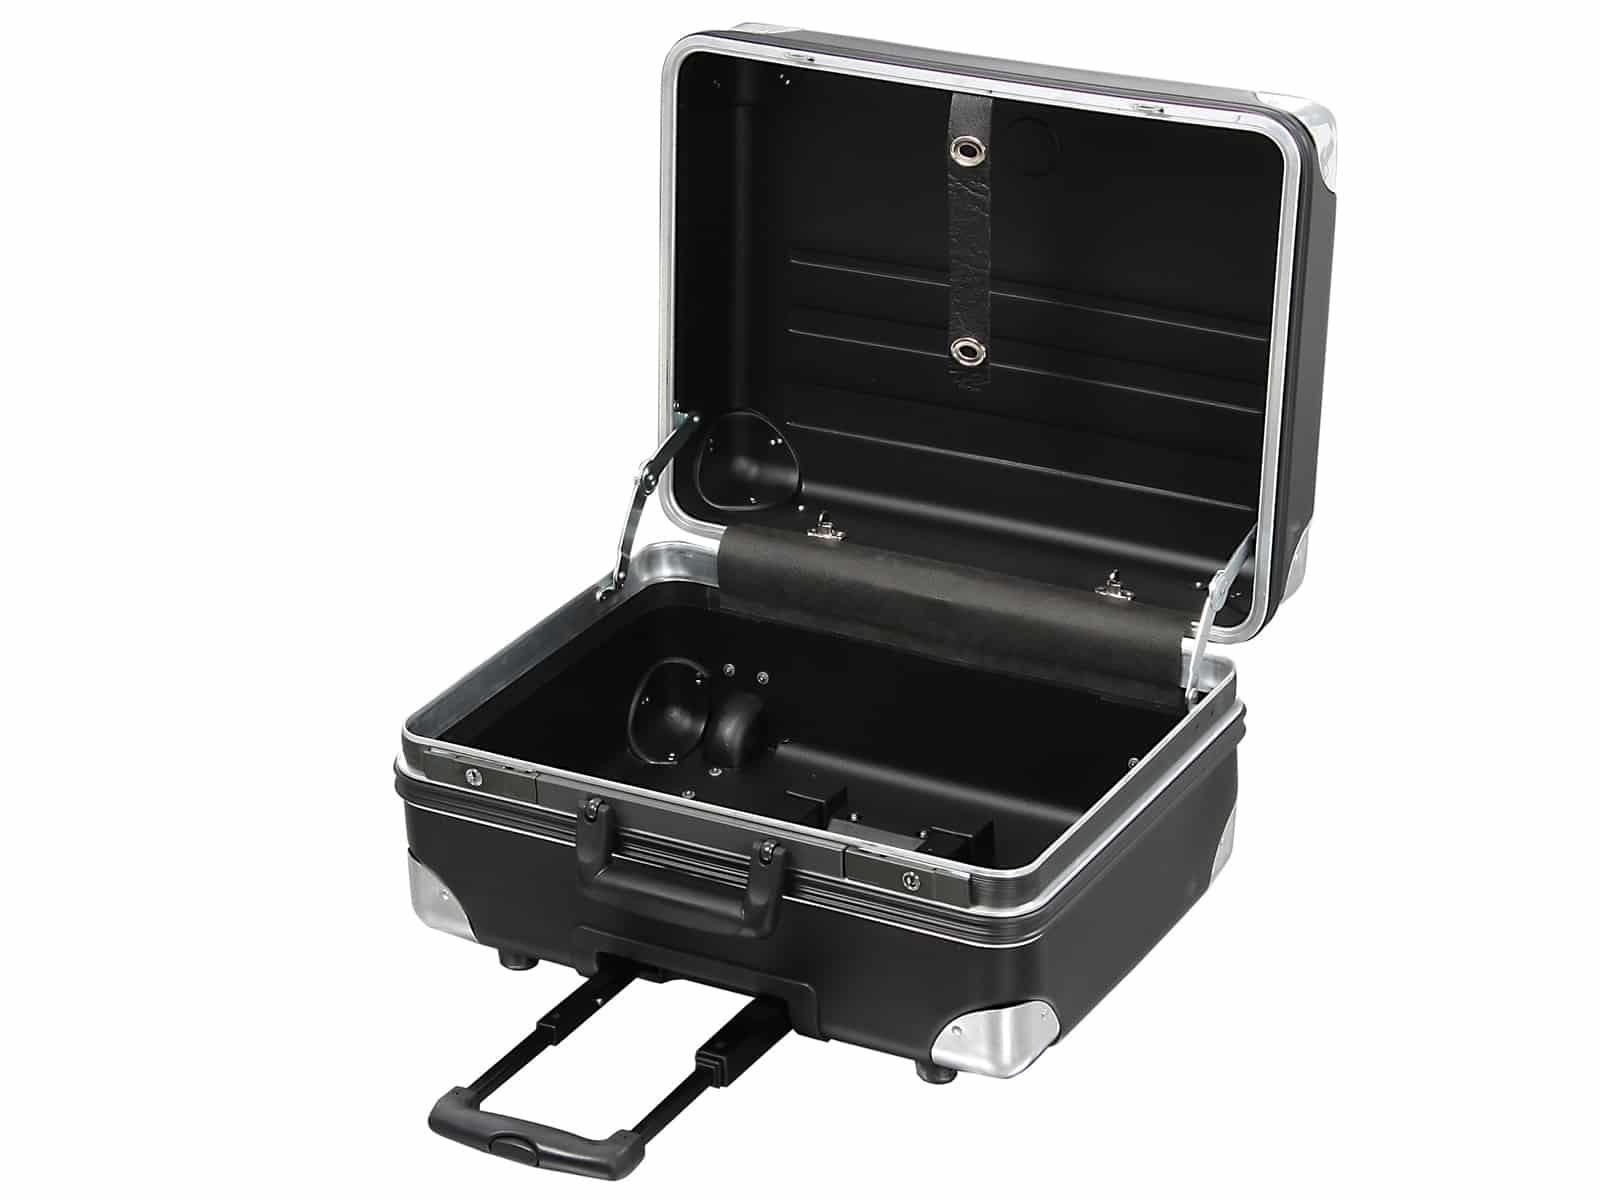 Werkzeugkoffer Robust 5770 D inkl. Trolleyfunktion 37 ltr. HDPE bruchsicher, Leerkoffer